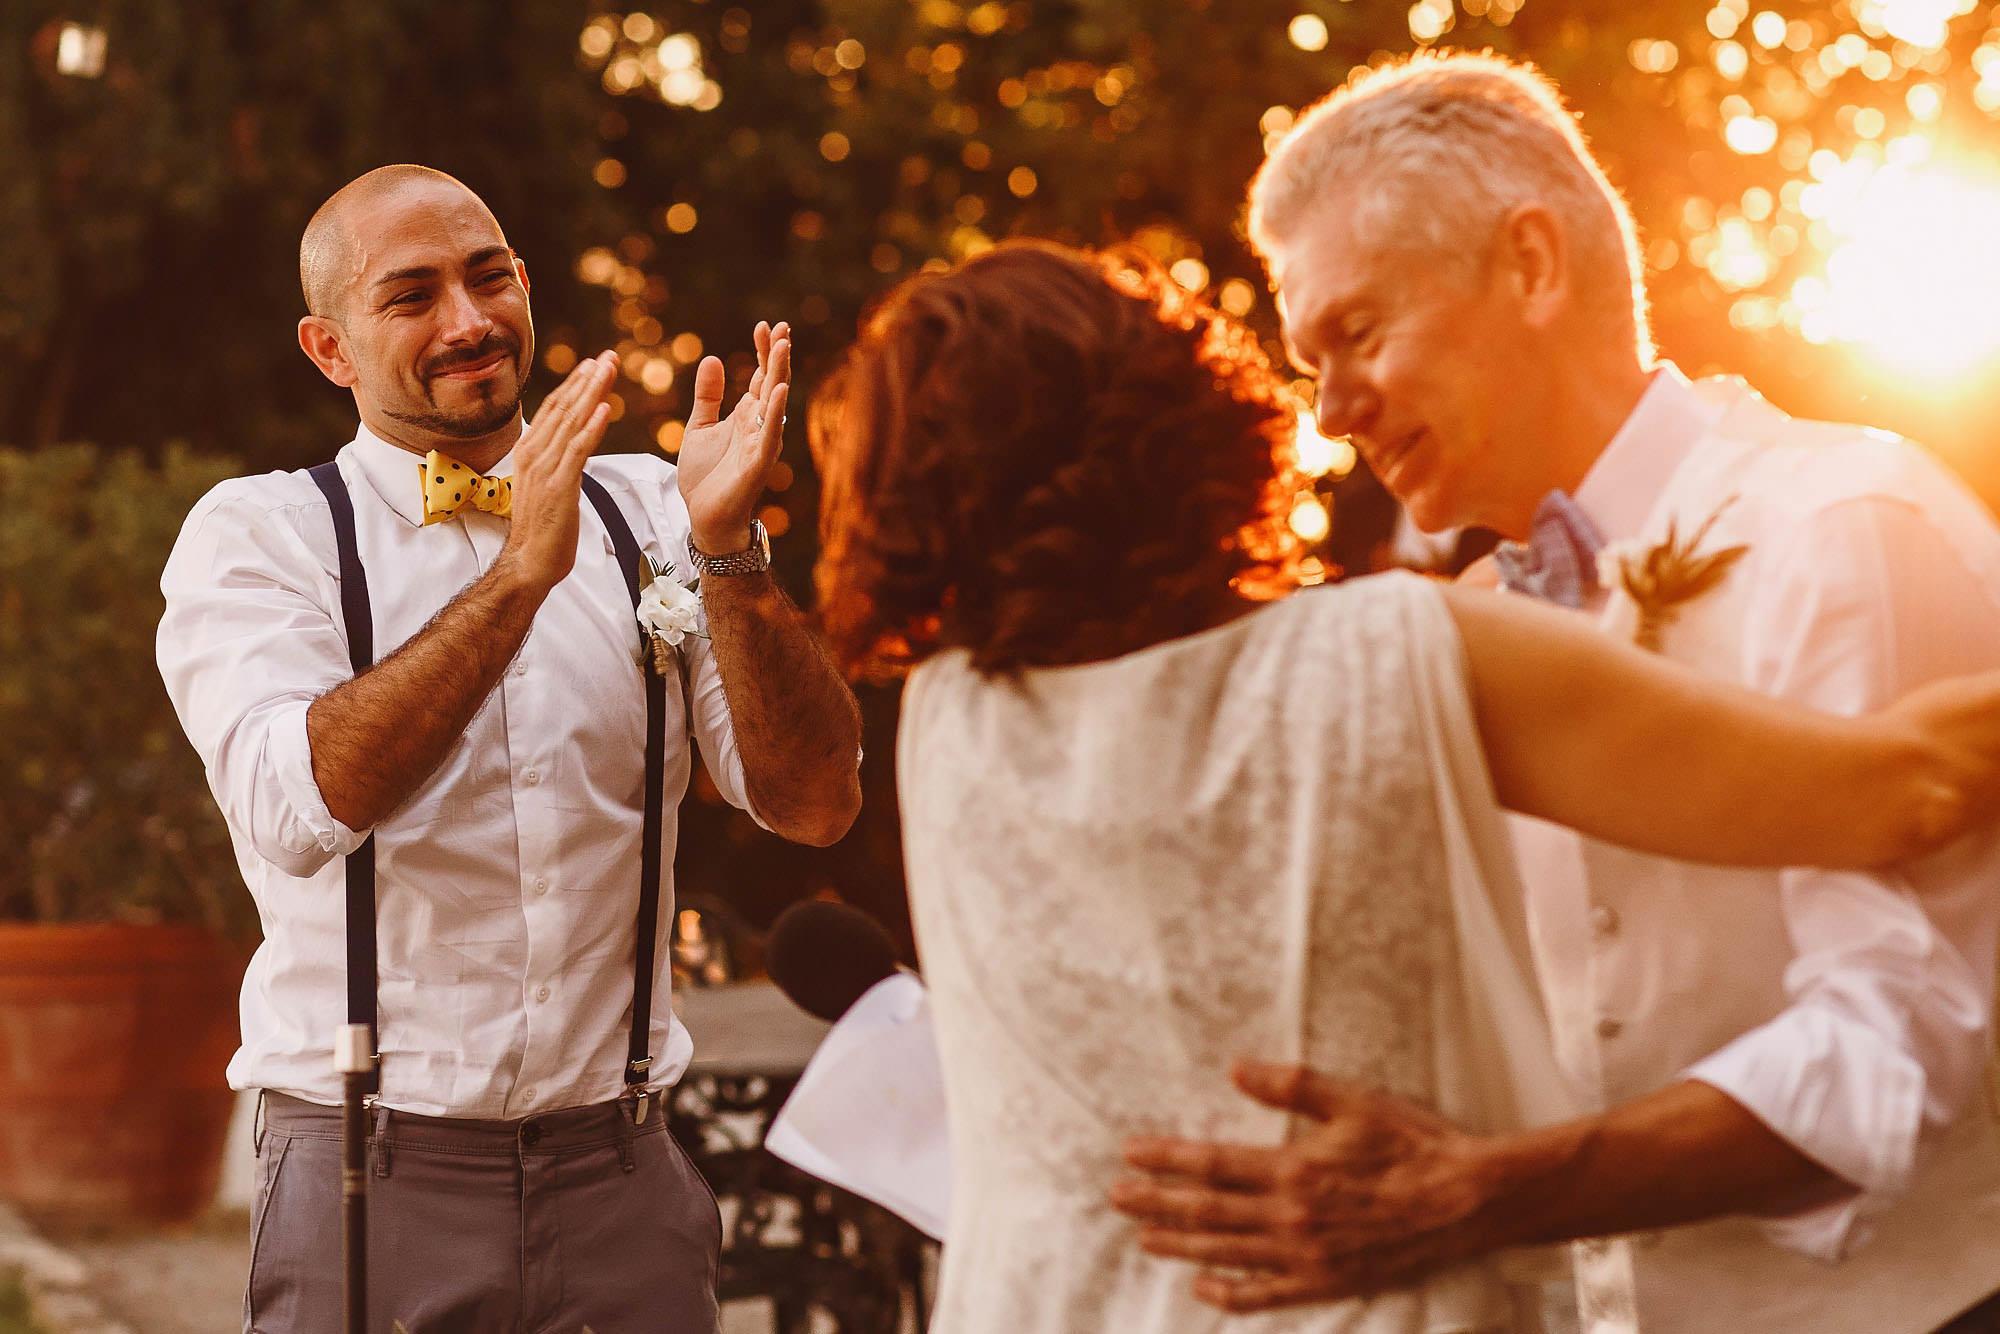 Wedding Photography UK - Destination Wedding Photographers